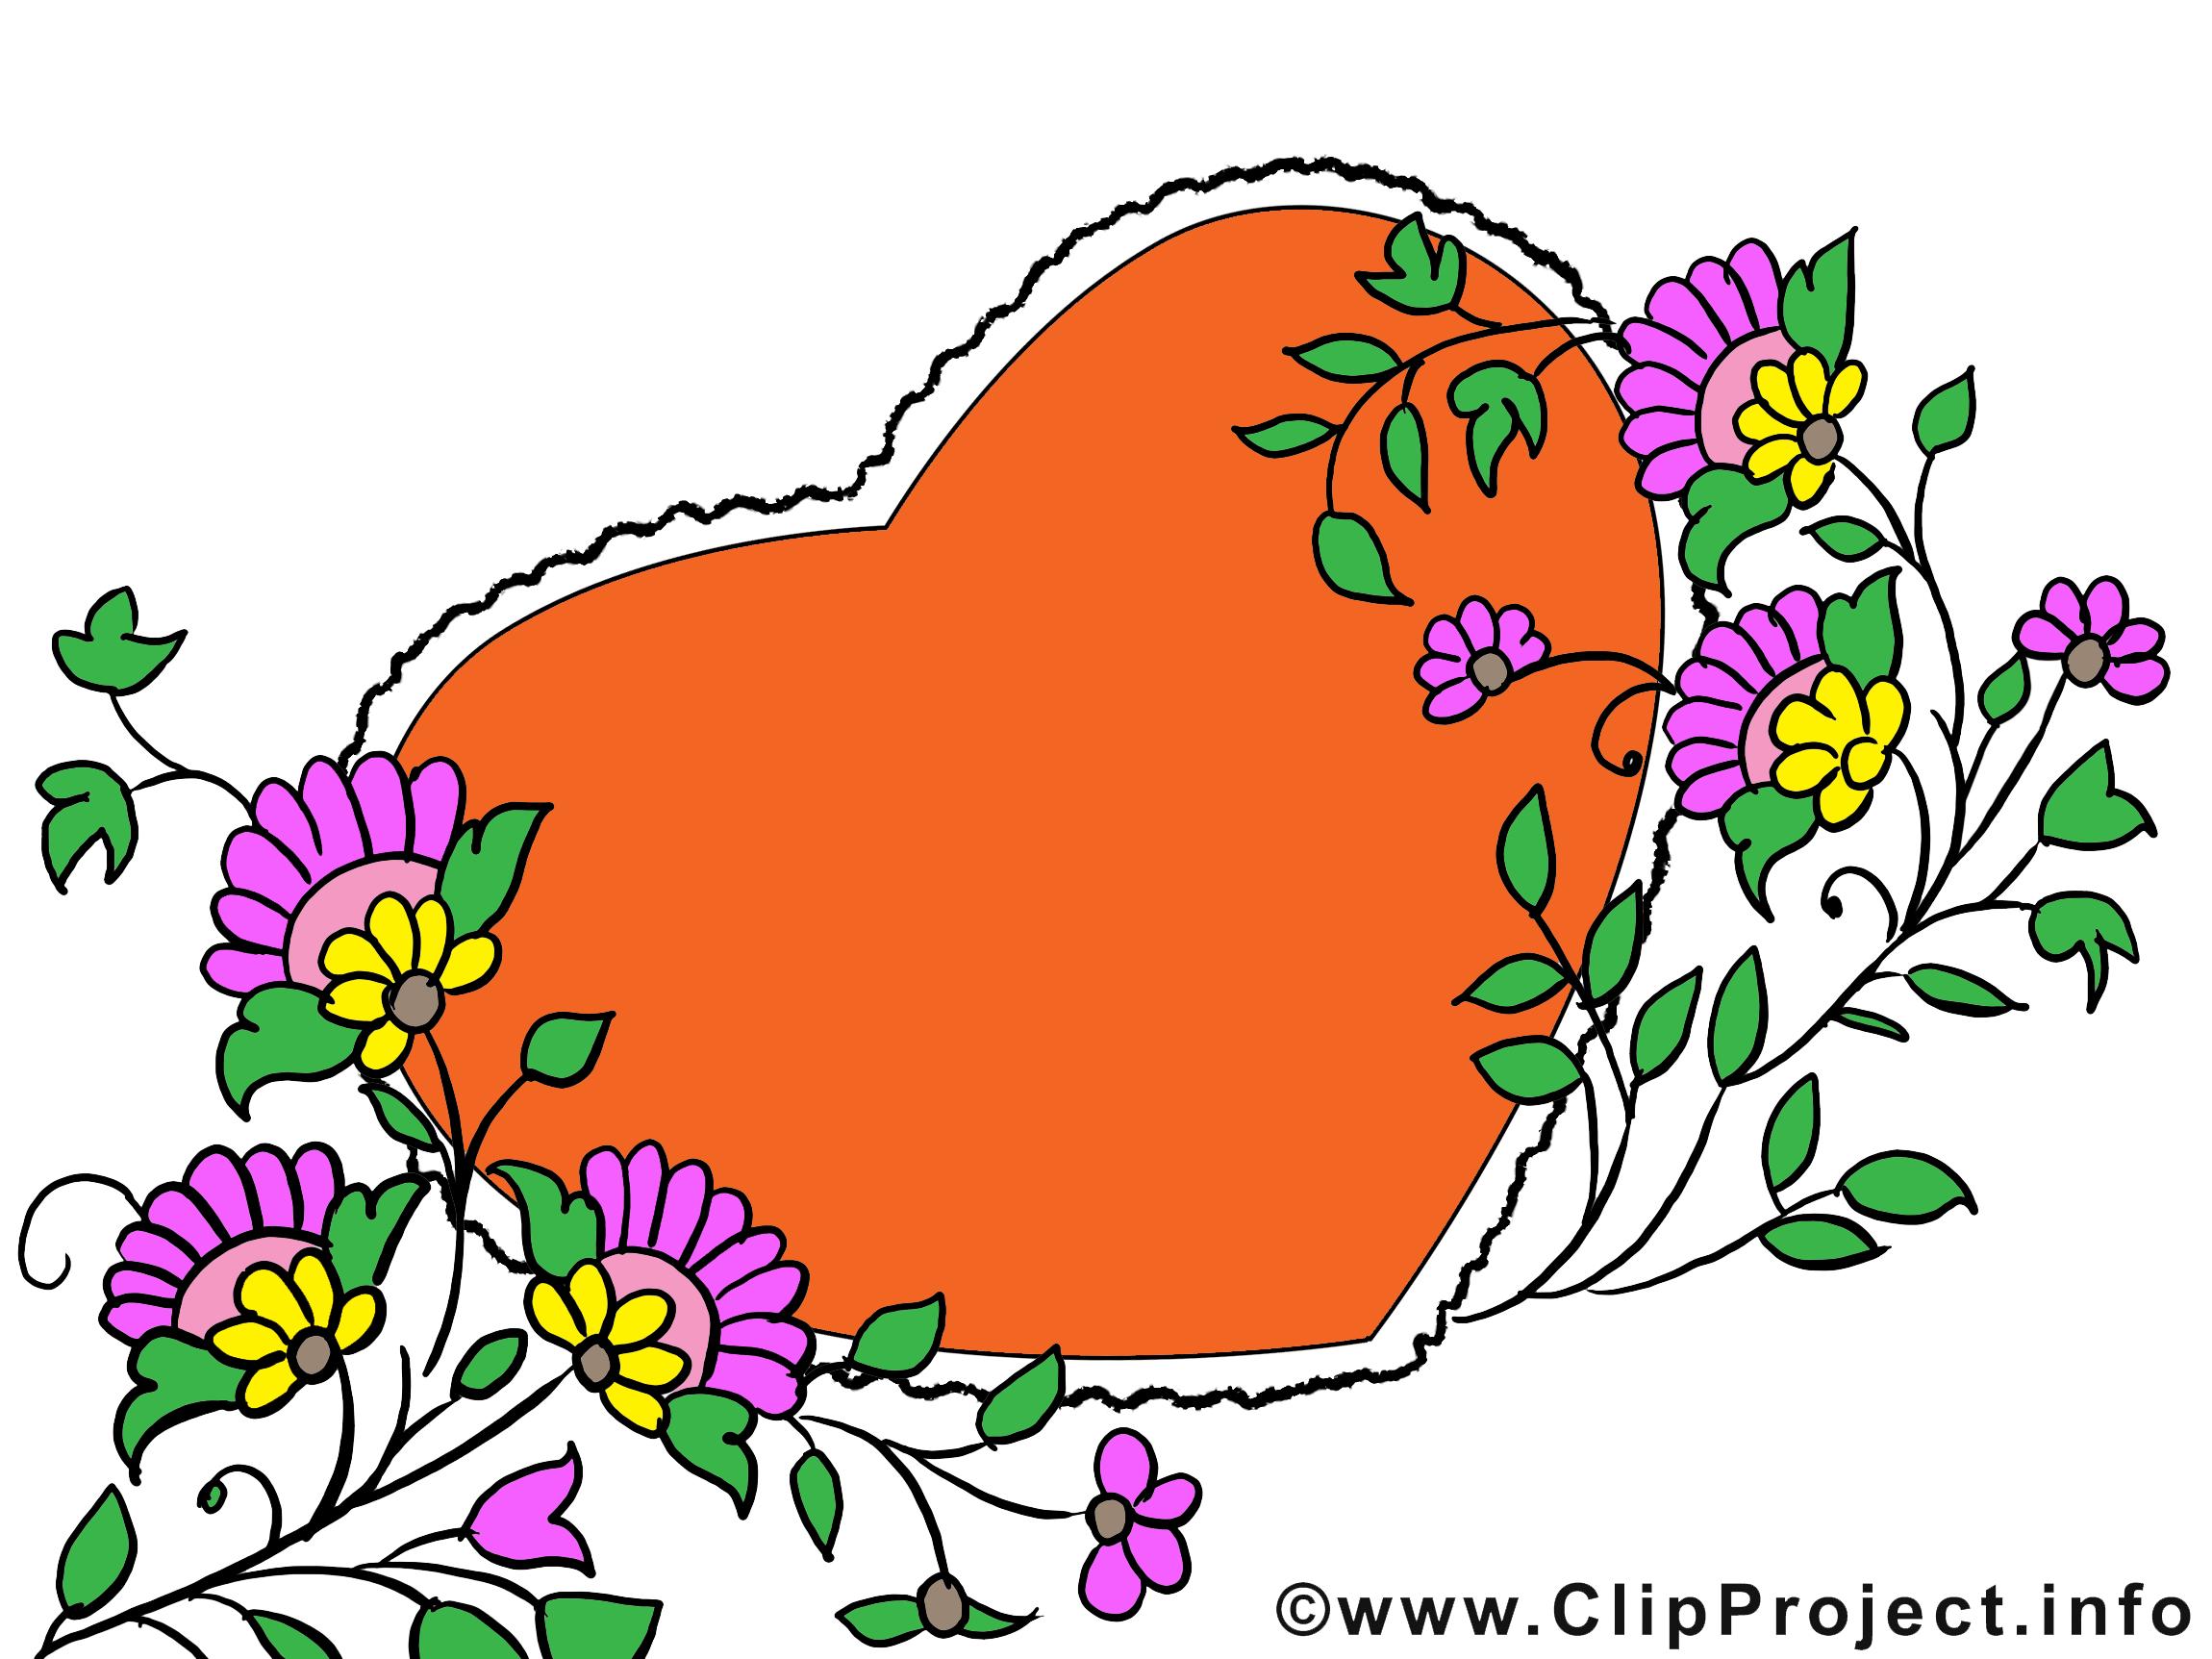 Coeur clip arts gratuits – Fête des Mères illustrations